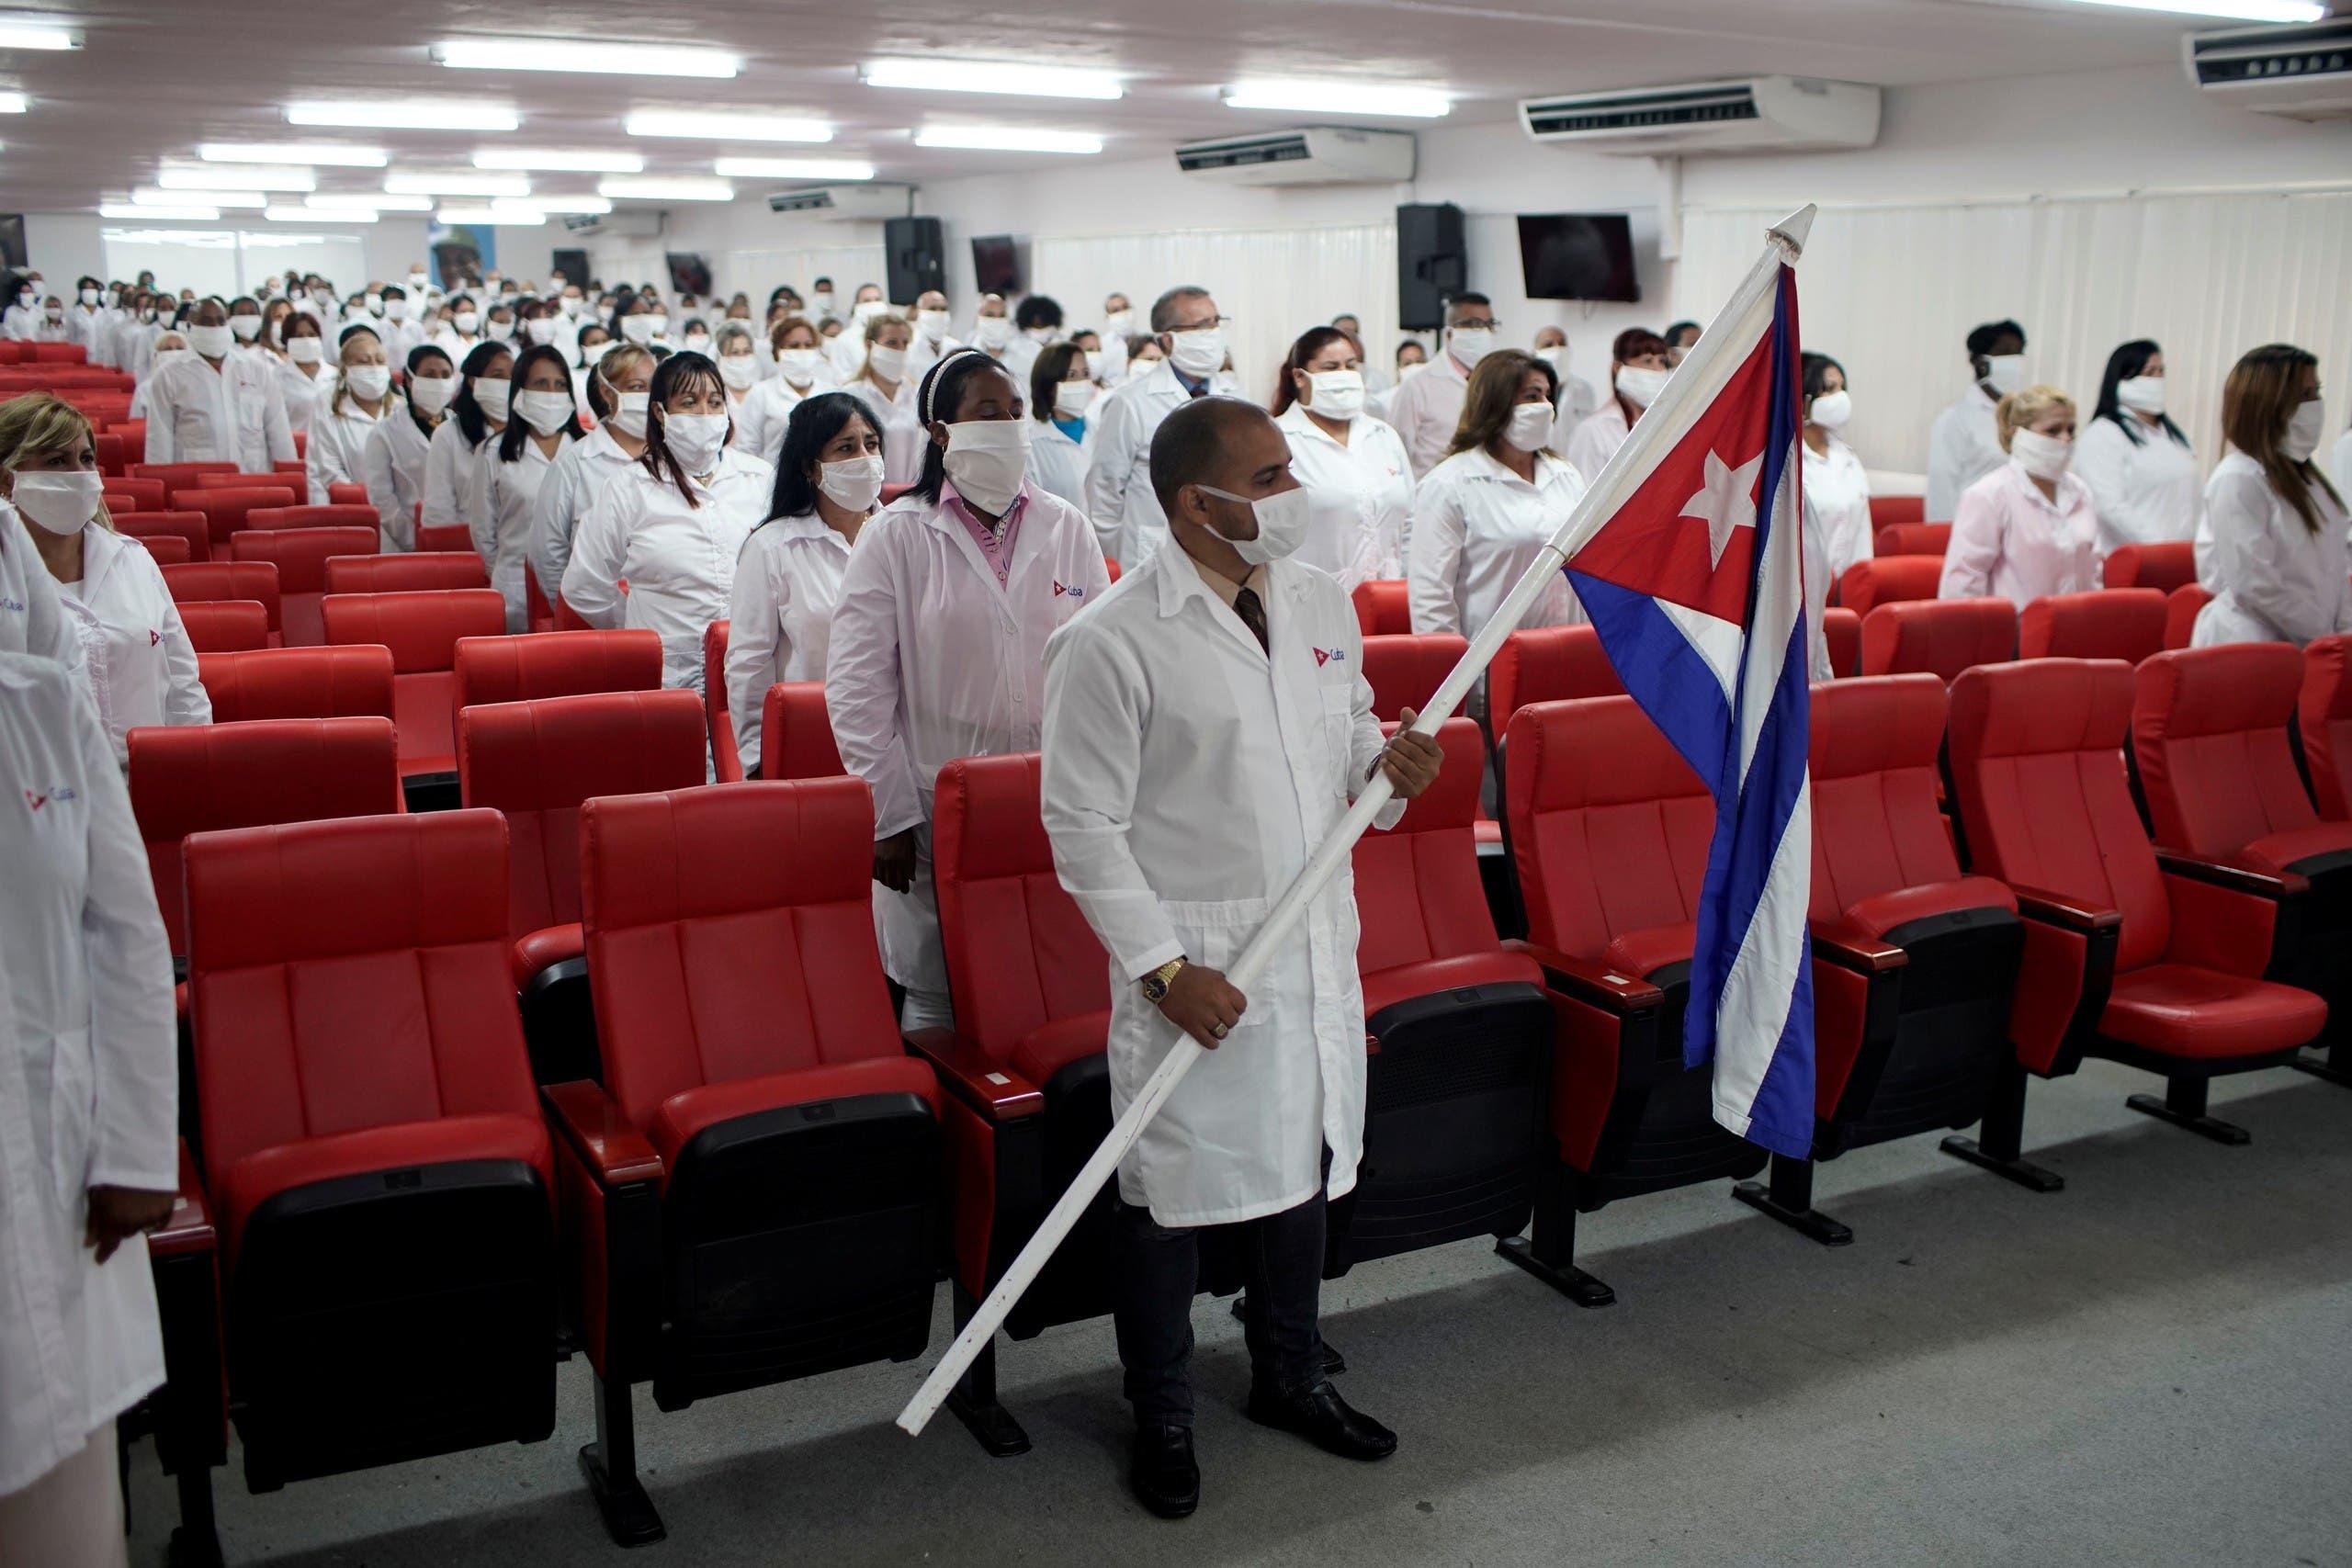 أطباء من كوبا يستعدون للذهاب إلى الكويت للمساعدة على محاربة كورونا